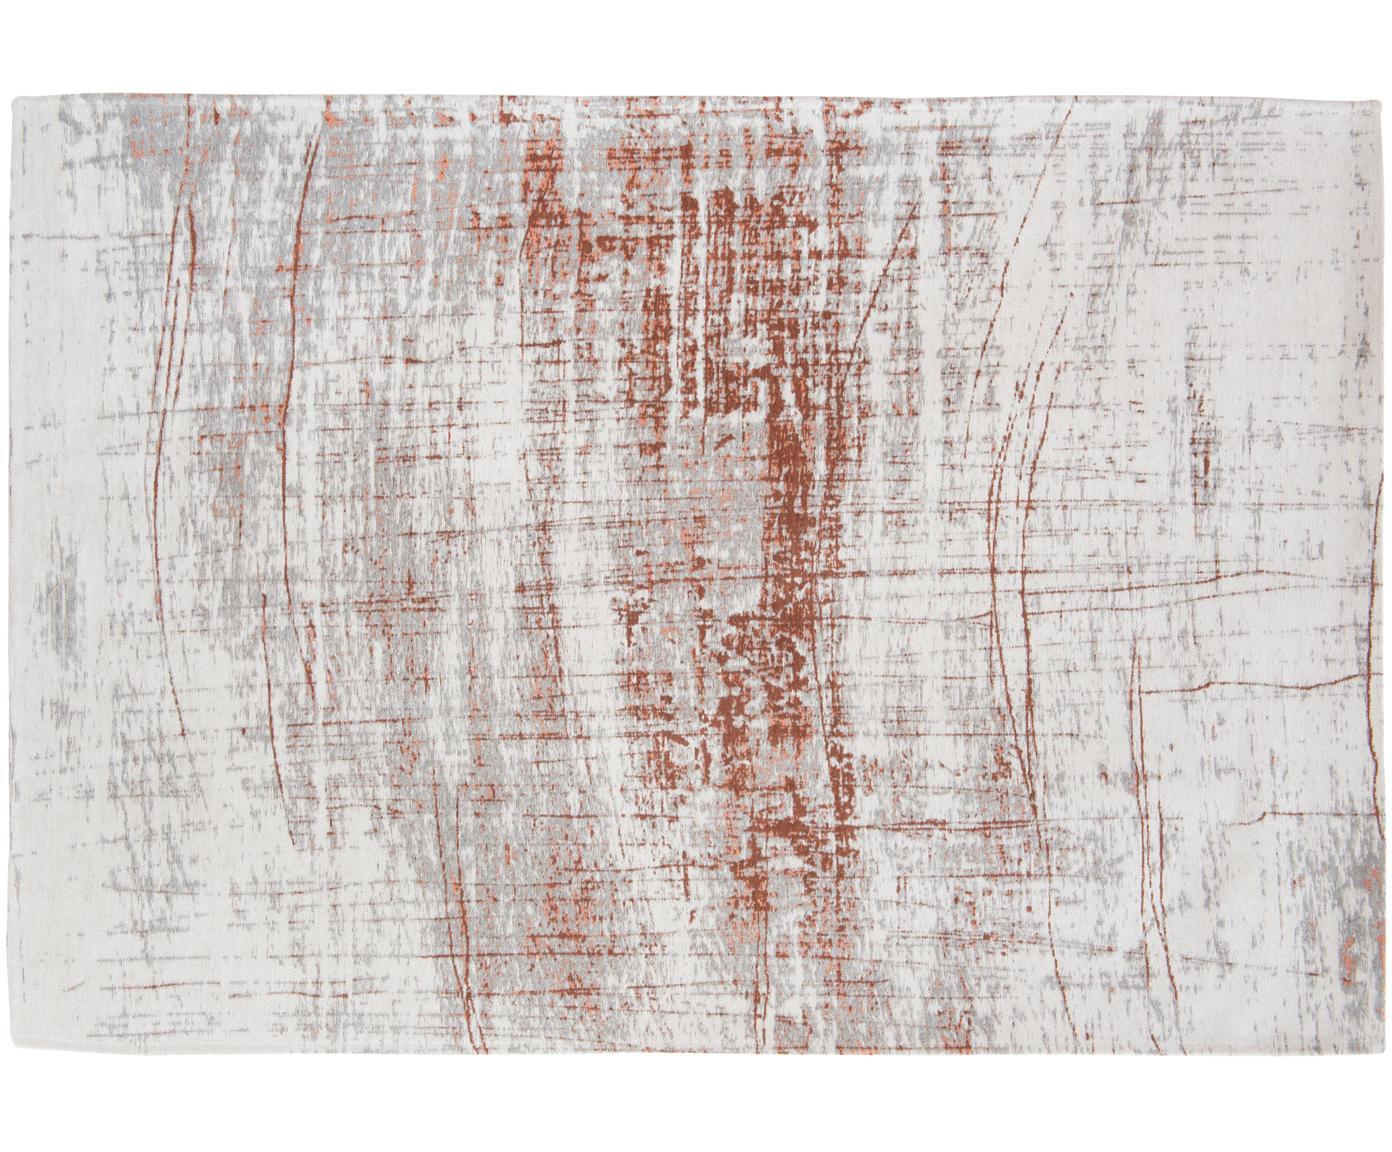 Vloerkleed Griff, Bovenzijde: 85%katoen, 15%hoogglanz, Weeftechniek: jacquard, Onderzijde: katoenmix, gecoat met lat, Bovenzijde: grijs, koperkleurig, gebroken wit, 140 x 200 cm